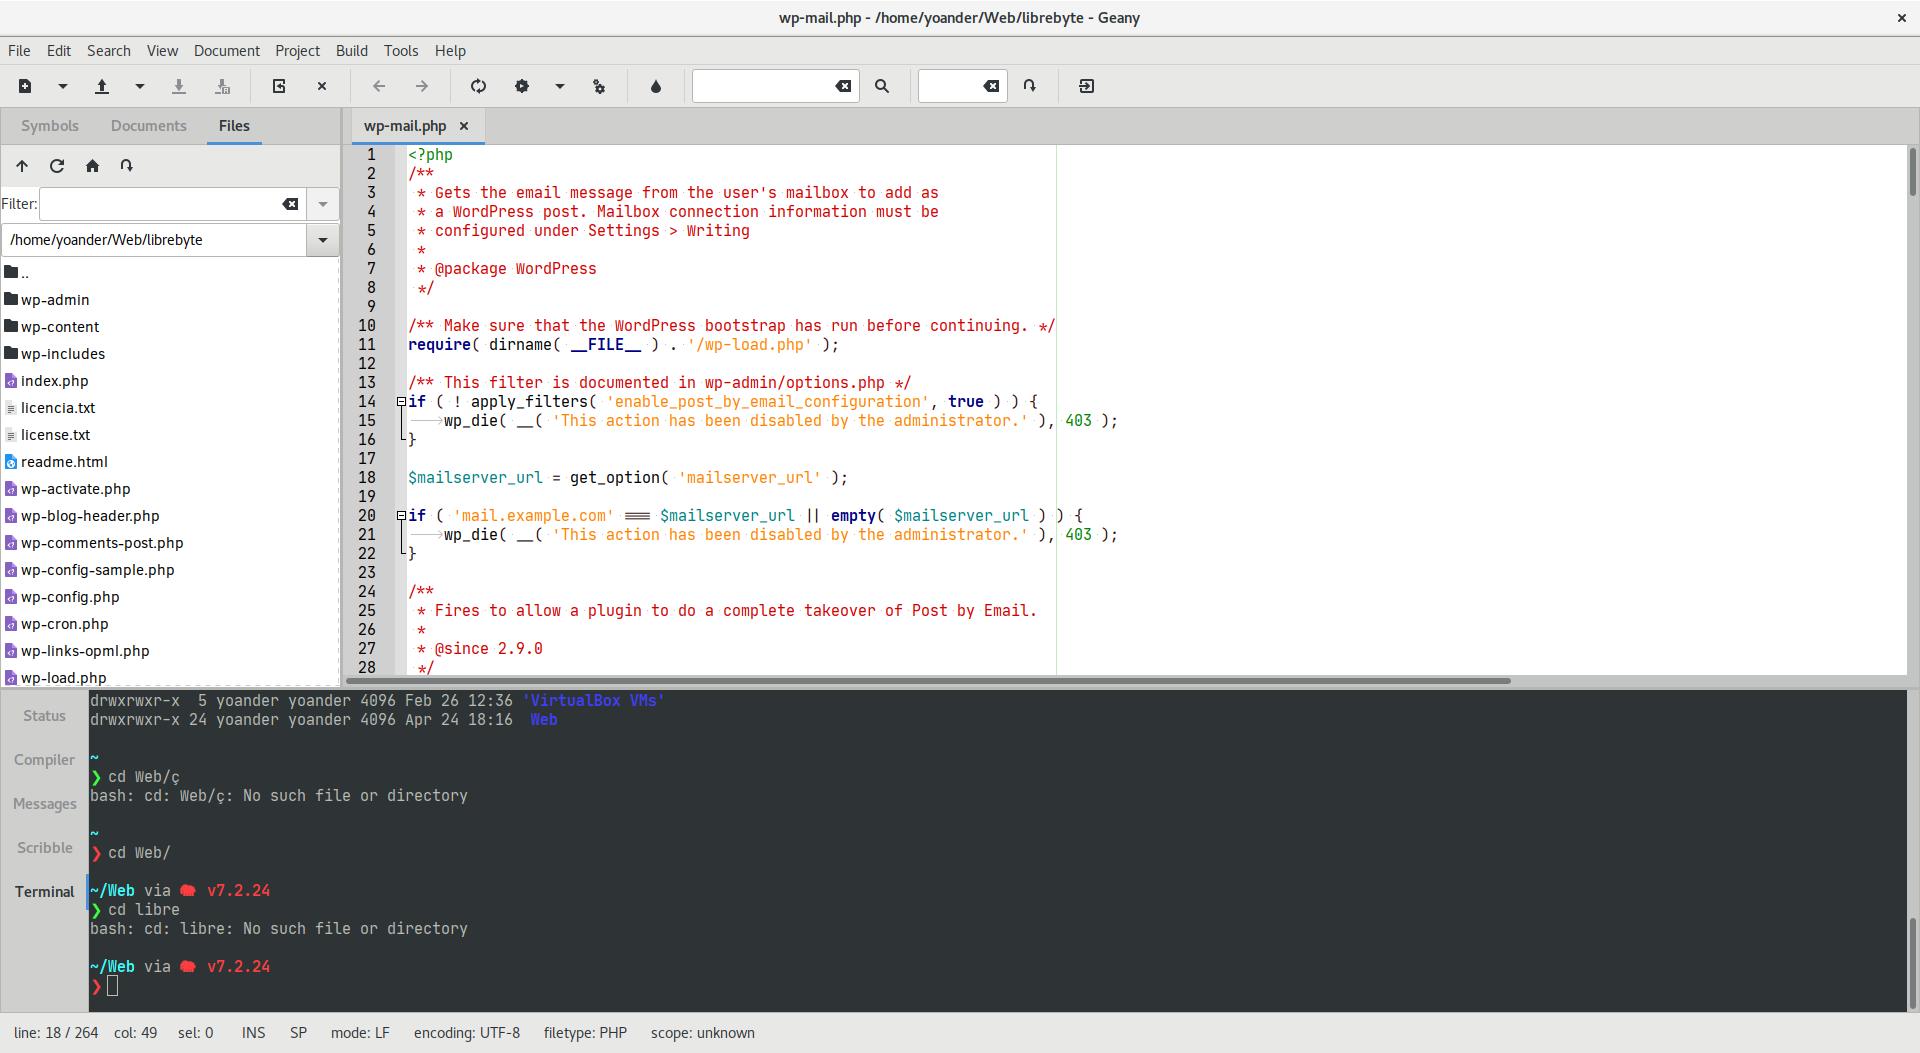 Geany un IDE de desarollo ligero y flexible - Terminal integrada al IDE